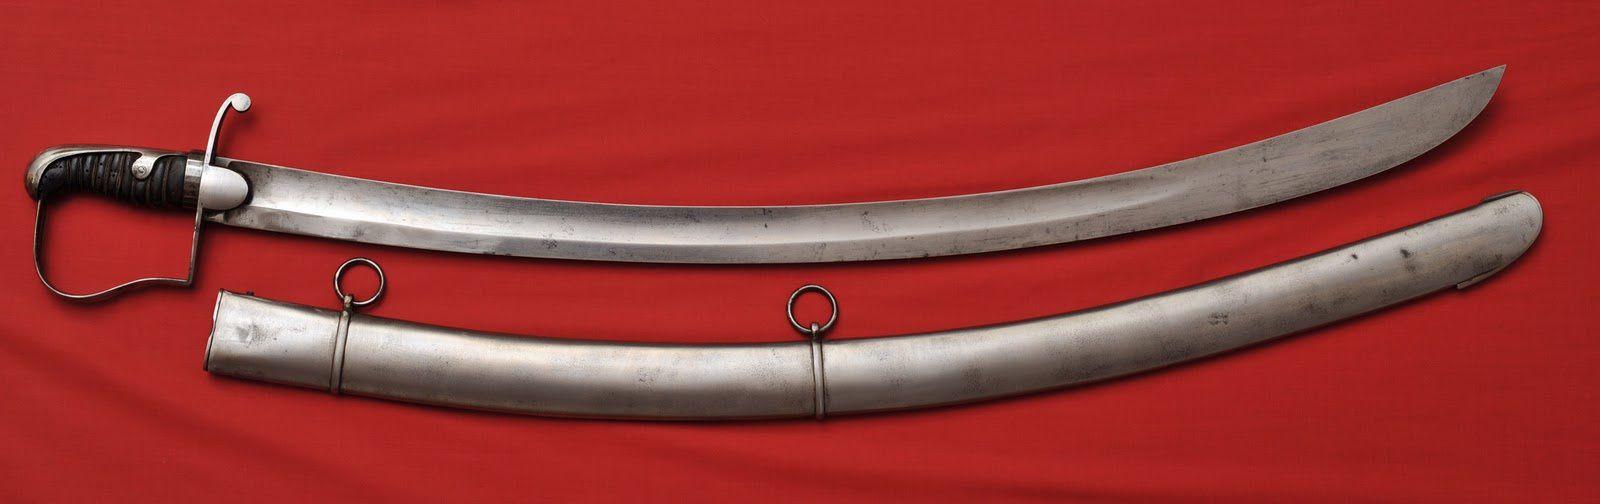 le sabre anglais modèle 1796, de pietre conception, cette arme handicapait le combattant par ses défauts